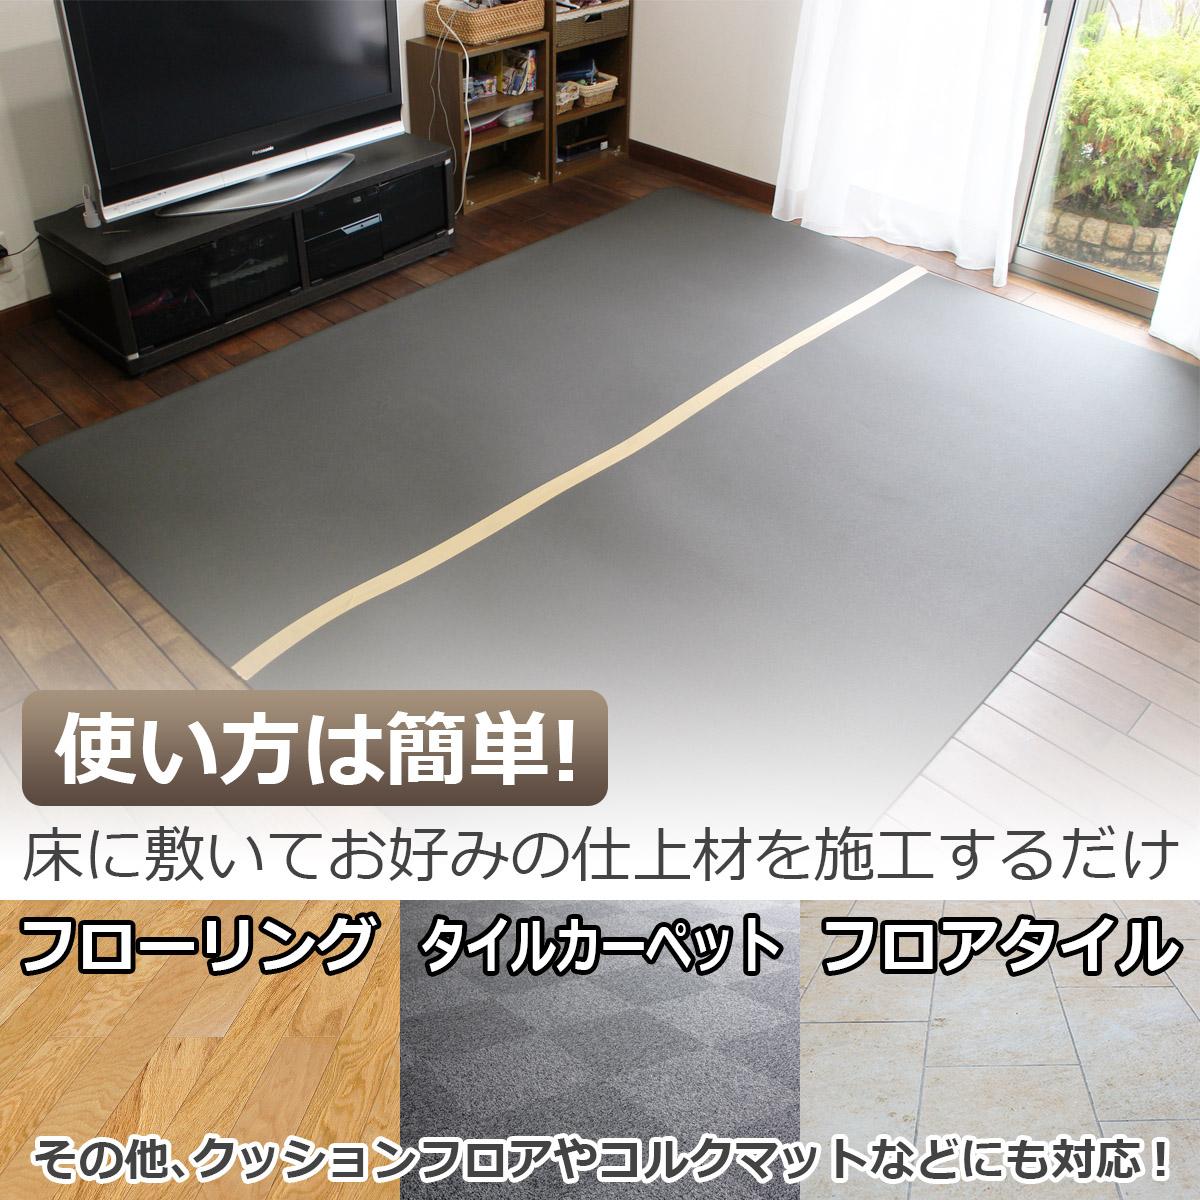 使い方は簡単!床に敷いてお好みの仕上げ材を施工するだけ フローリング、タイルカーペット、フロアタイル その他、クッションフロアやコルクマットなどにも対応